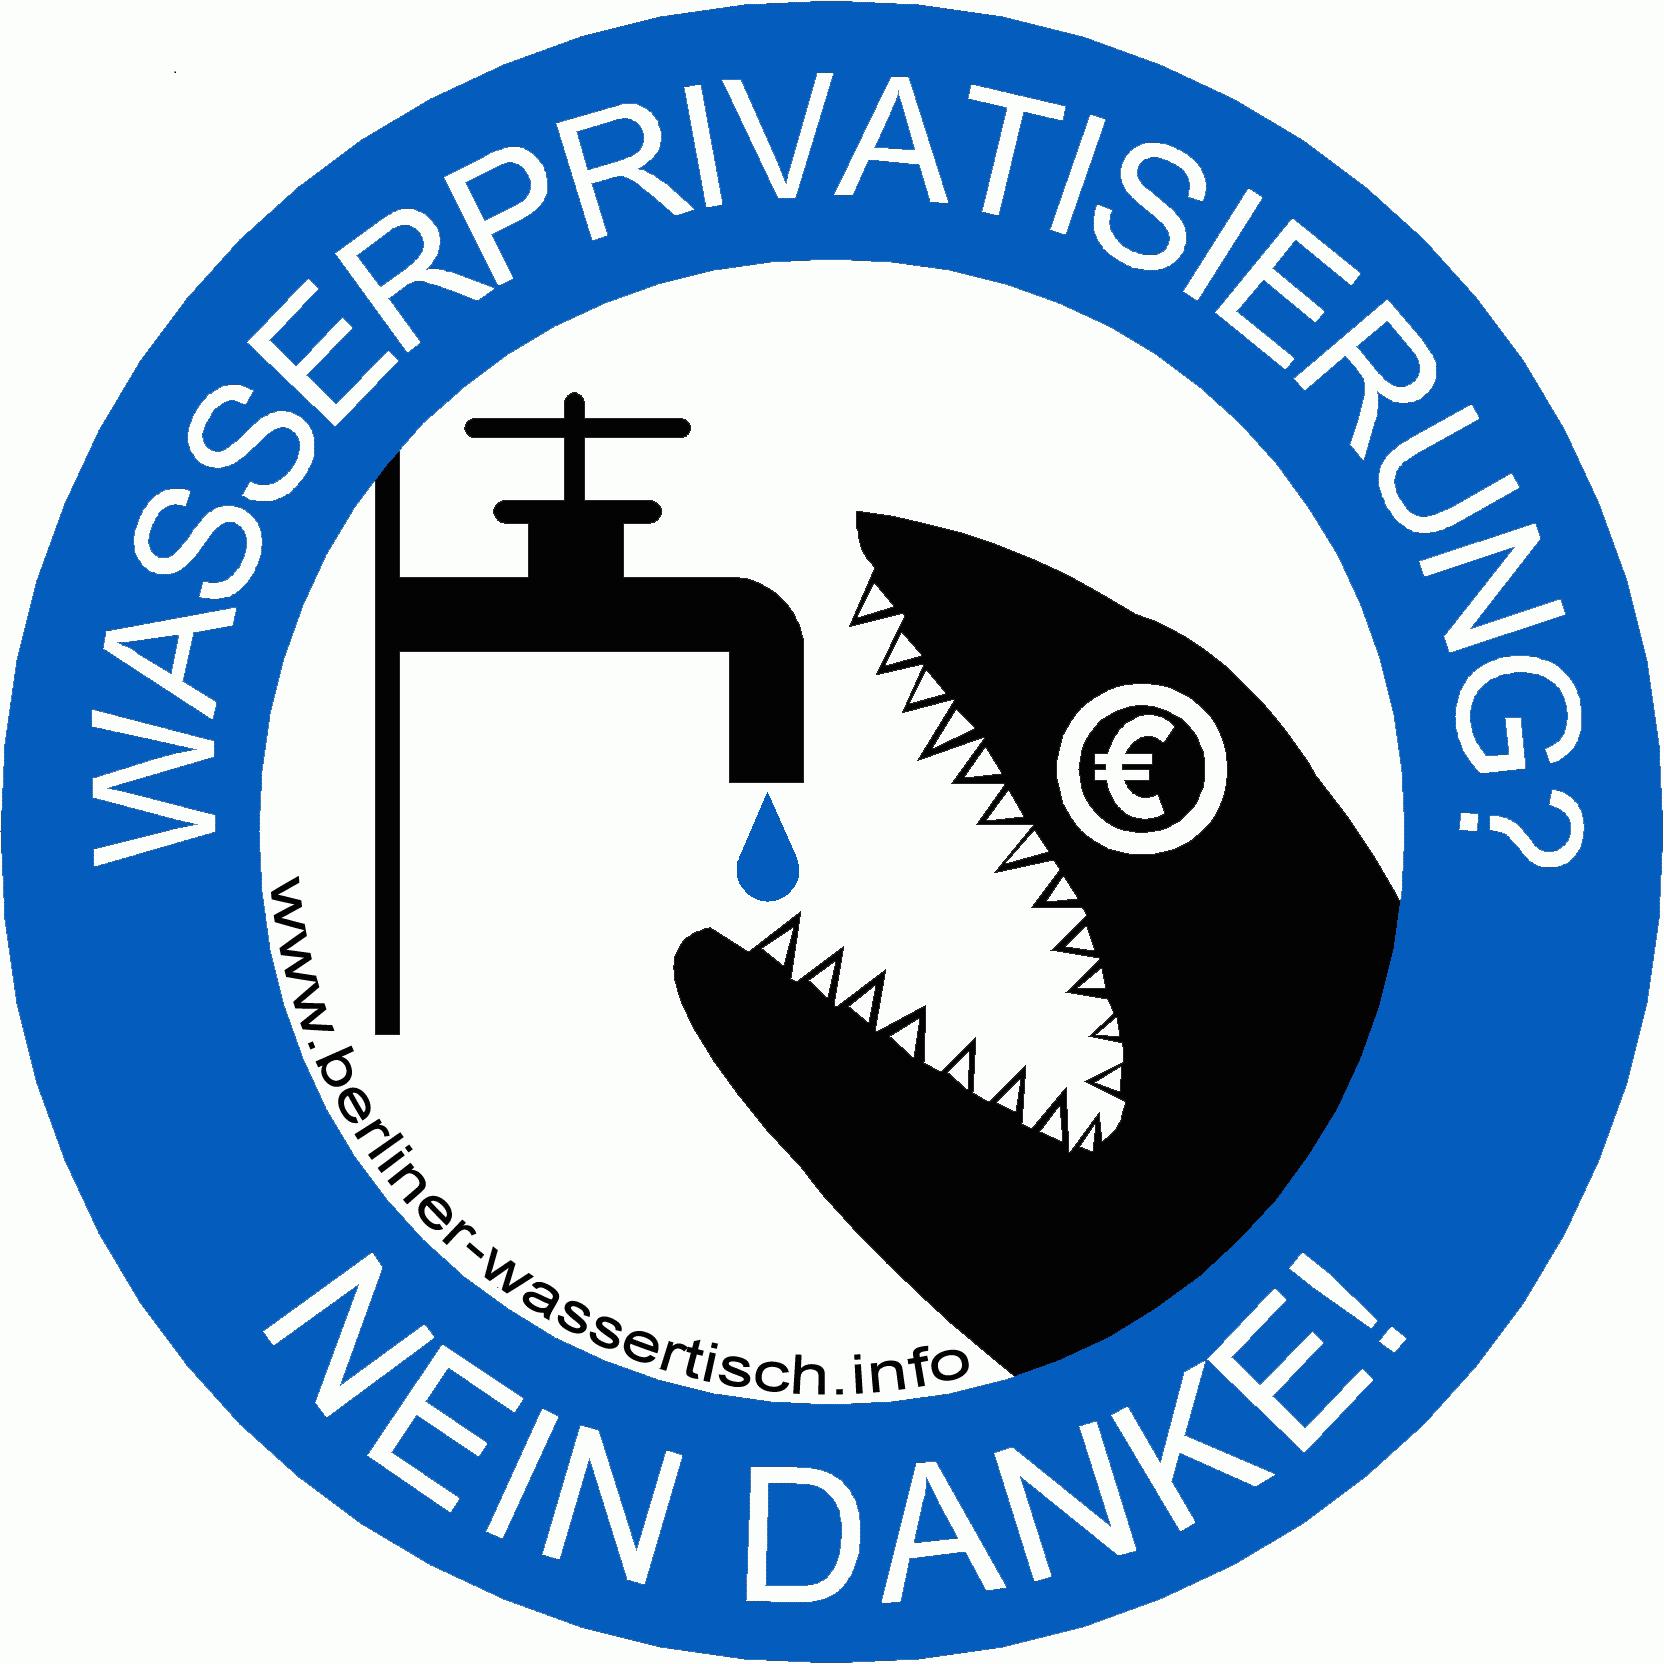 Berliner-Wassertisch.Info